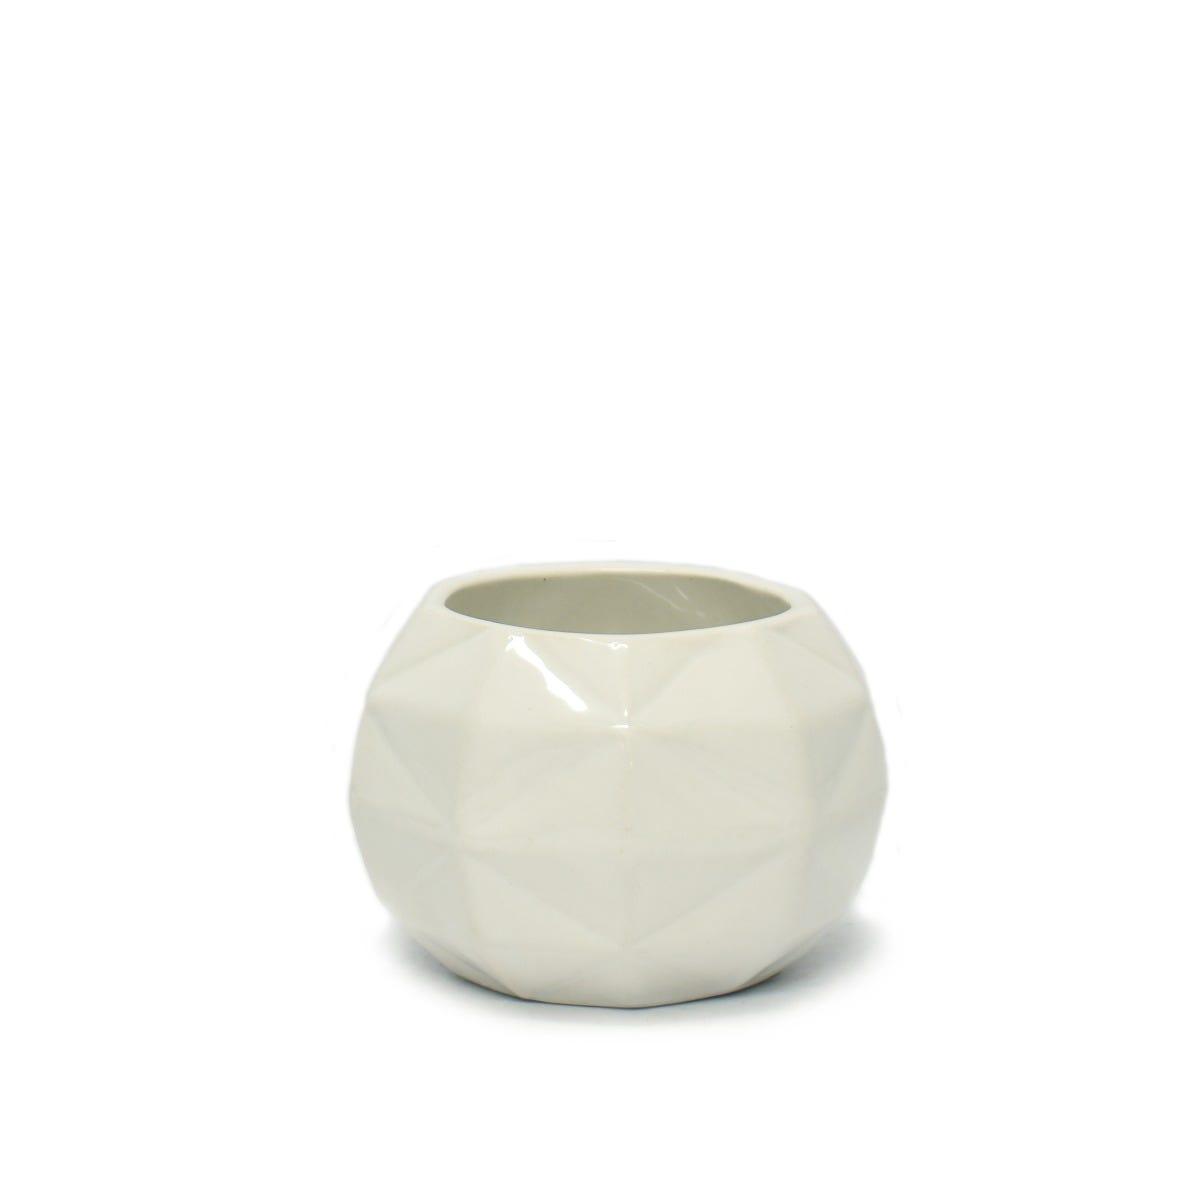 Maceta de cerámica Casa Mejicu® esfera geométrica color blanco